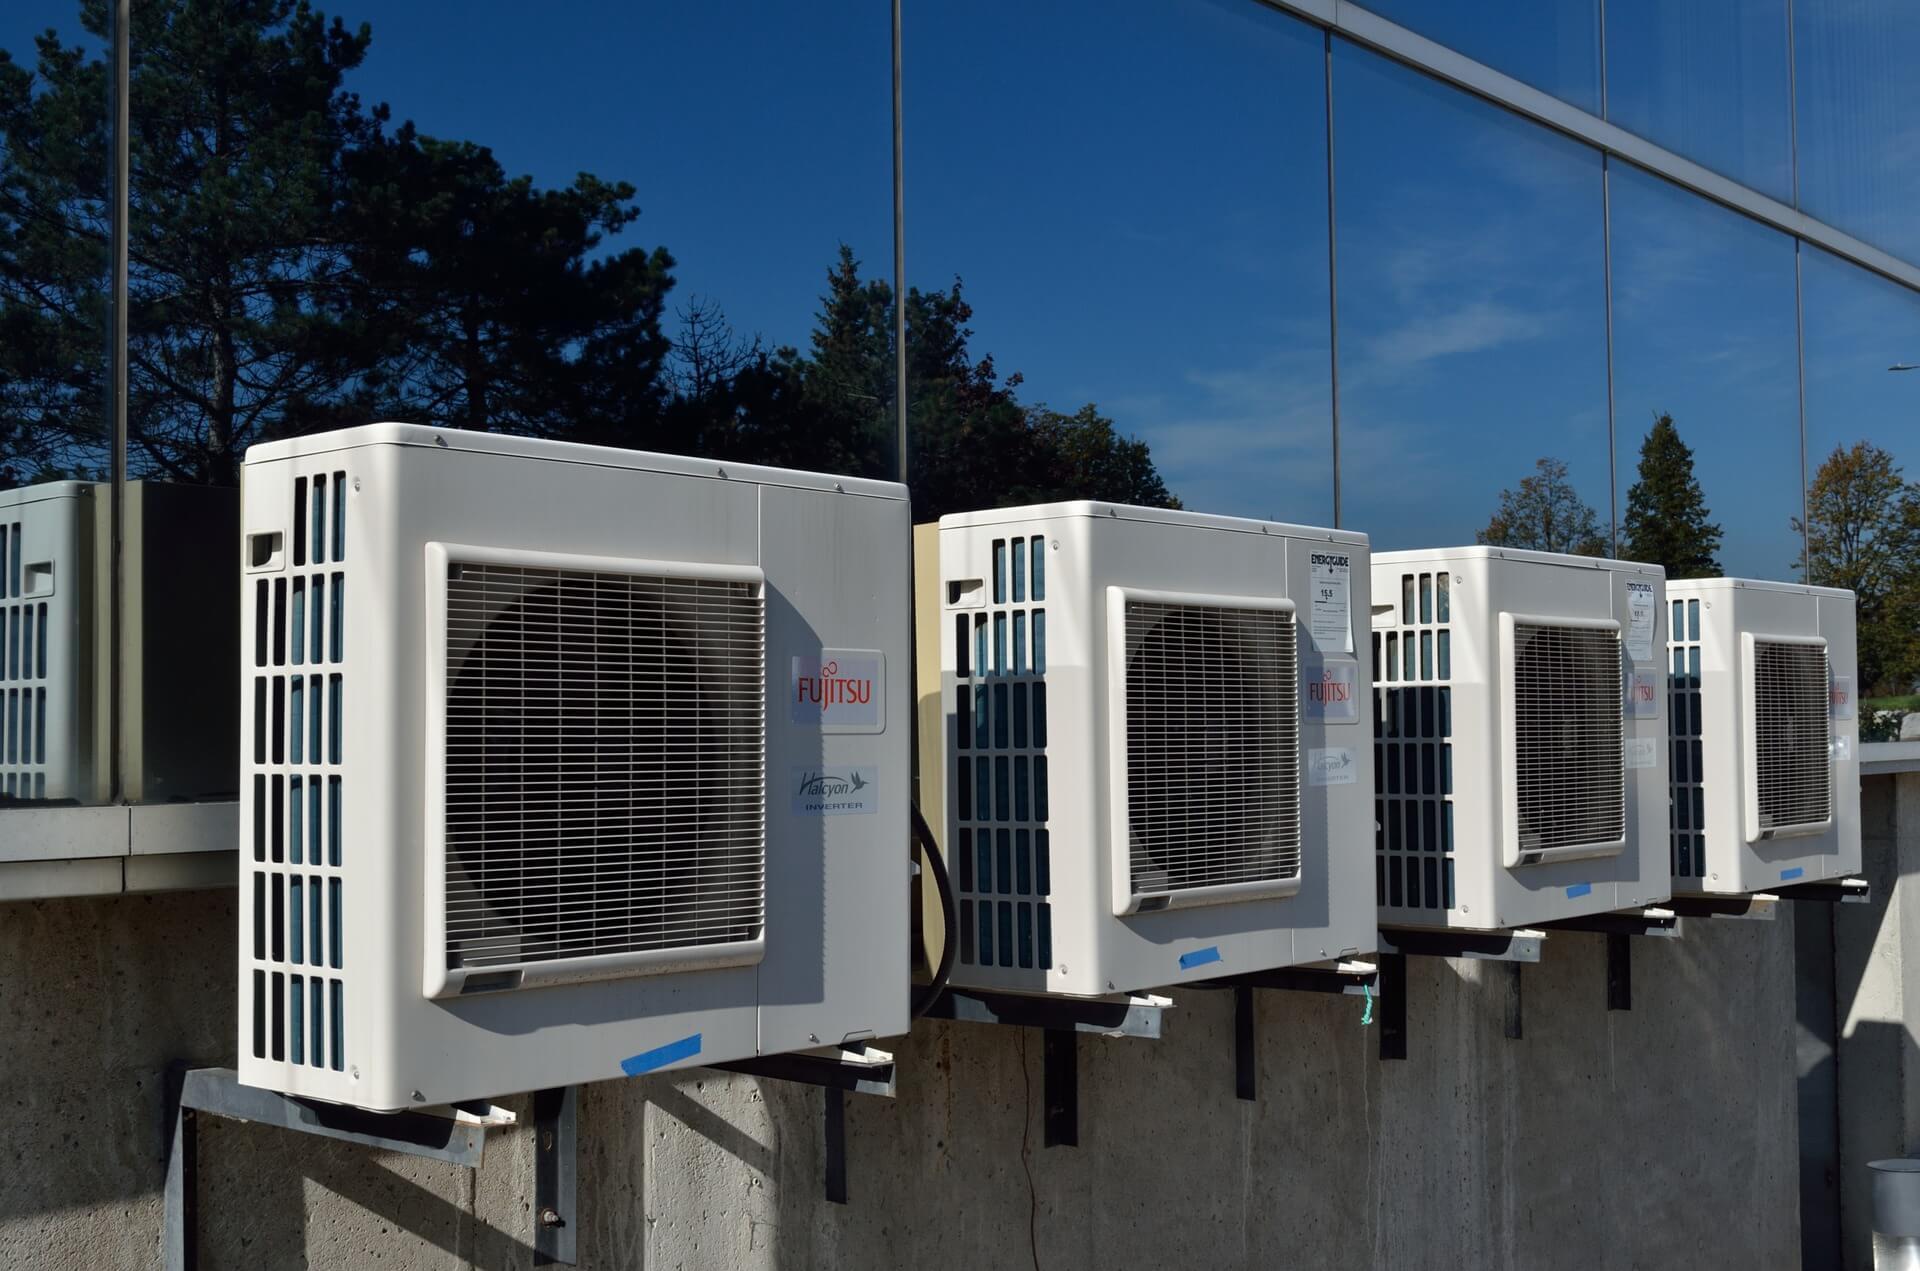 Réalisation de climatisation à La Roche sur Yon par PHOTO ELEC